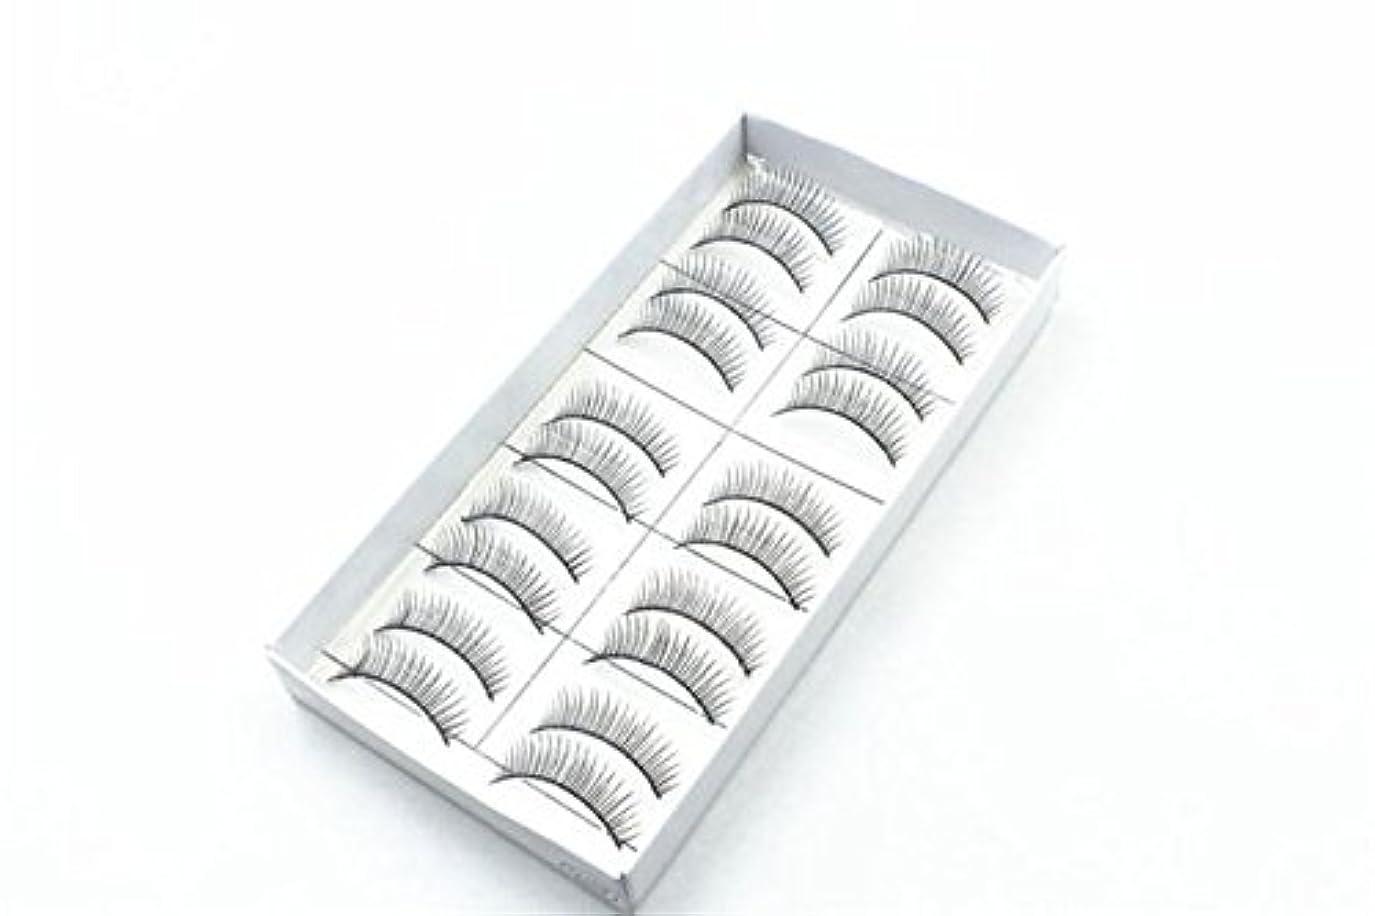 骨髄お互い引き付けるつけまつげ LLuche 3Dミンクつけまつ毛ア グラマラスボリュームアイラッシュ ふんわりロングまつ毛 ふんわりロングまつ毛 10組の方法自然なハンドメイドの長いつけまつげの構造つけまつげ012(黒, 超良い品質と低価格 魅惑的な クリスマス ギフト 人気 新タイプ ポータブル)